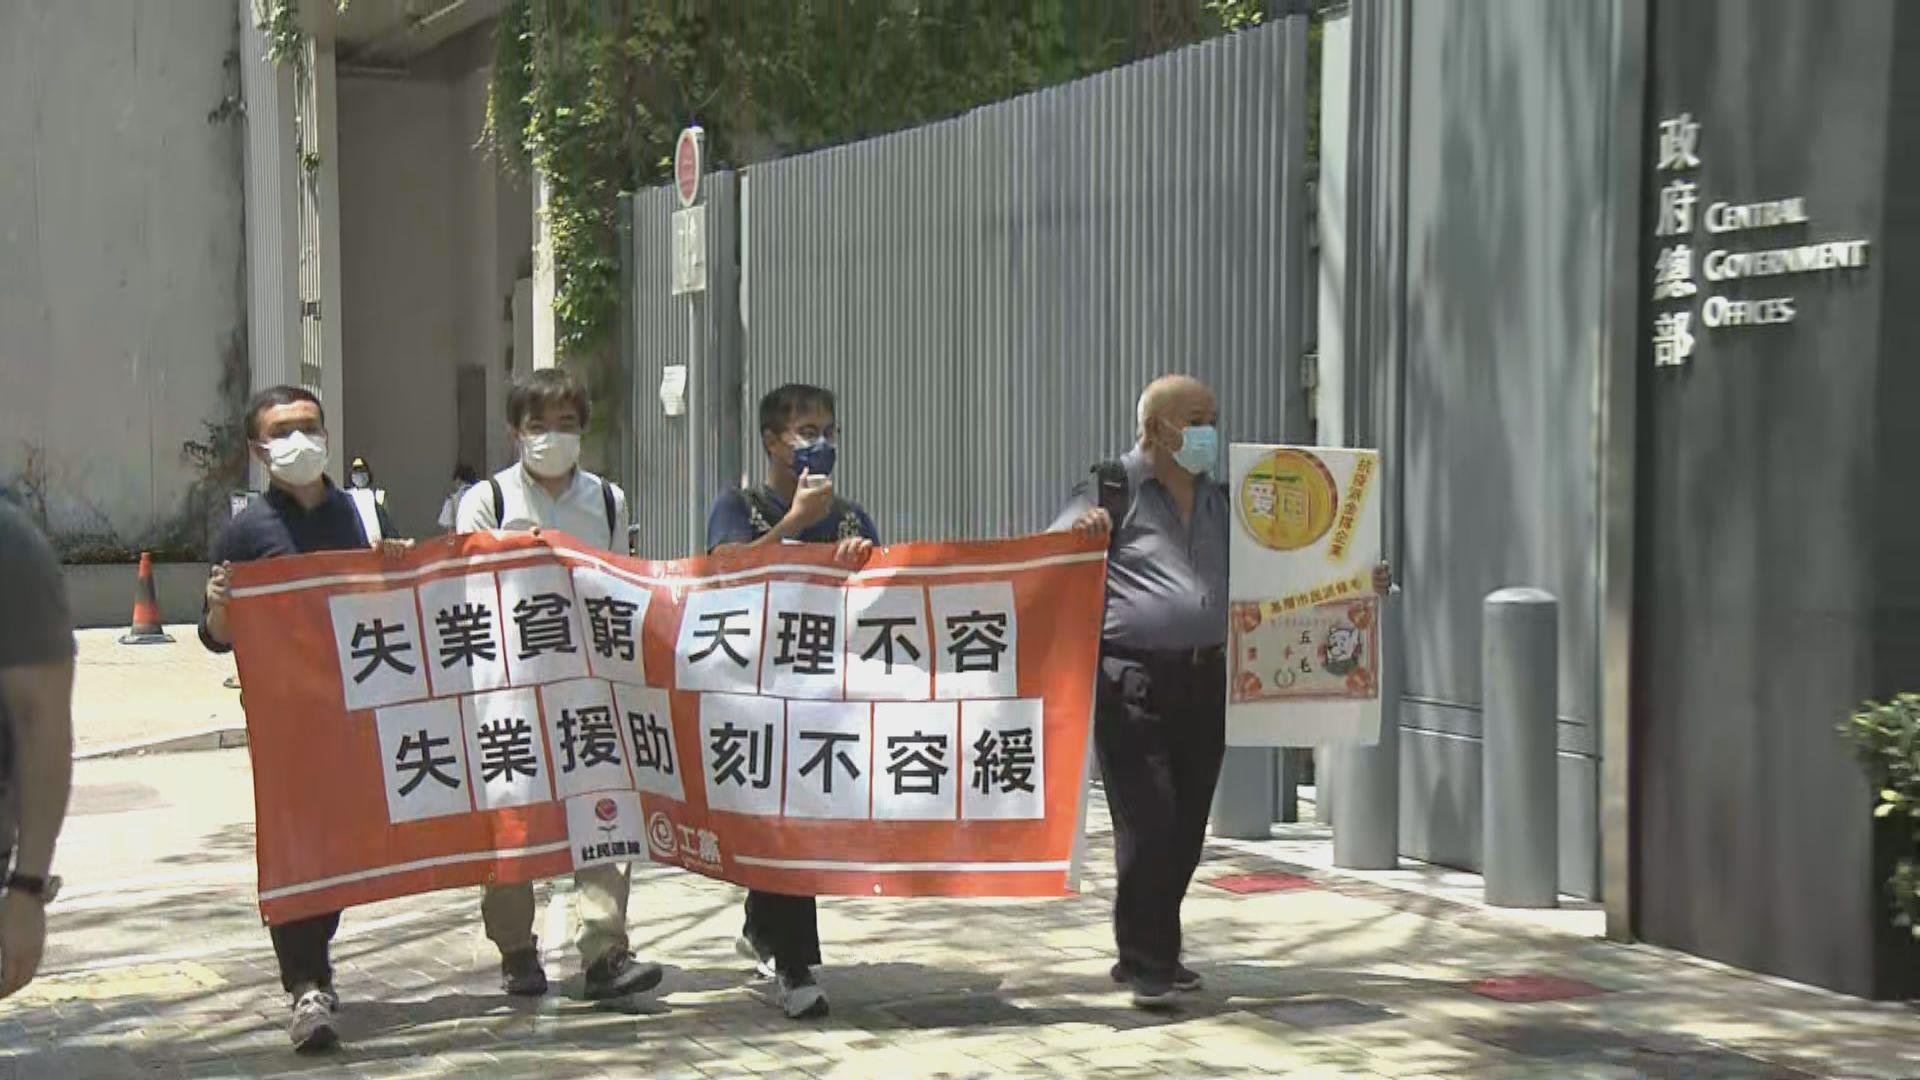 團體五一爭取勞工權益 促政府設失業援助金